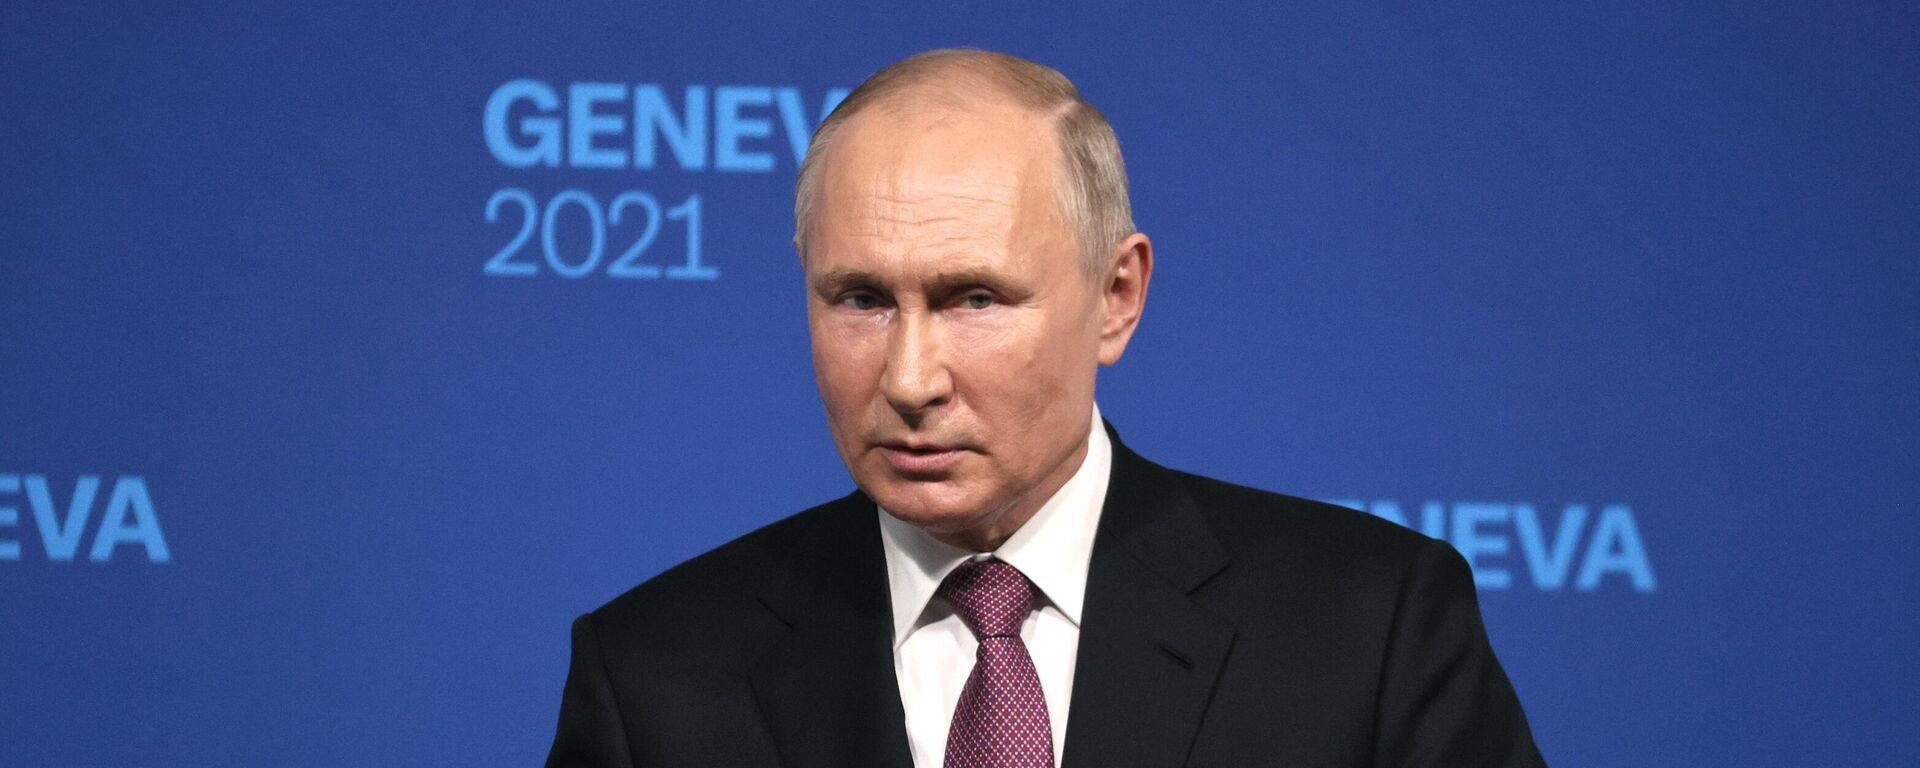 Встреча президентов России и США В. Путина и Дж. Байдена в Женеве - Sputnik Таджикистан, 1920, 17.06.2021